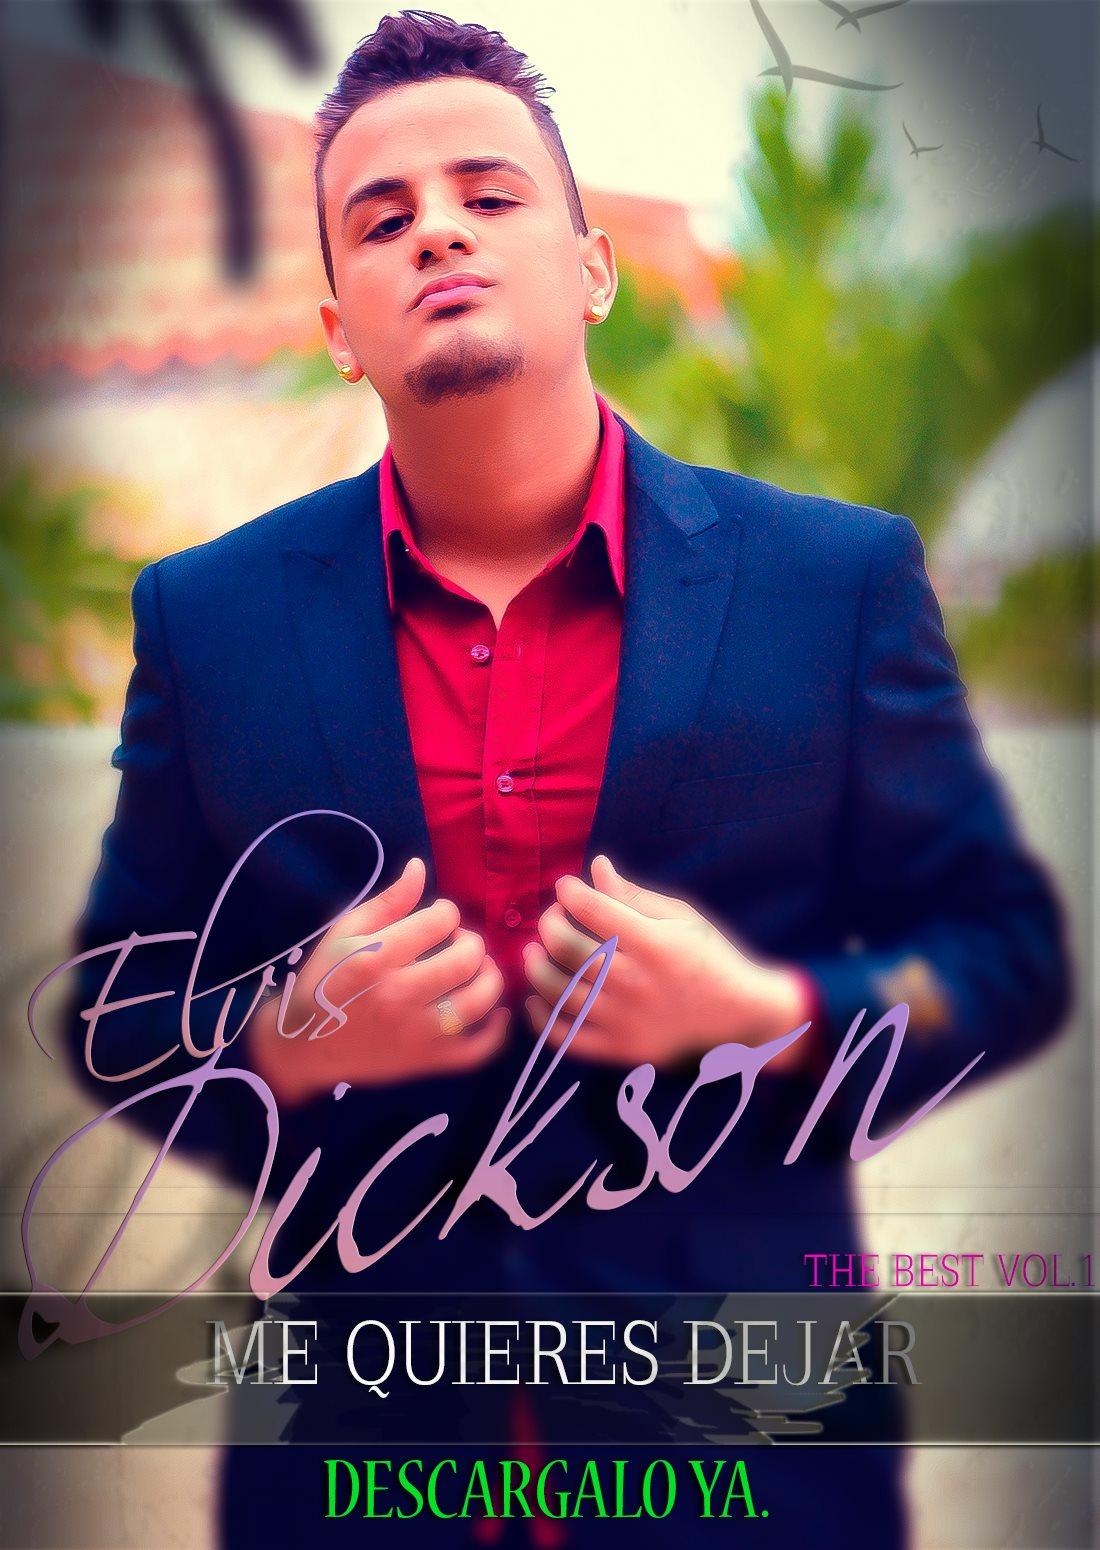 Resultado de imagen para elvis dickson